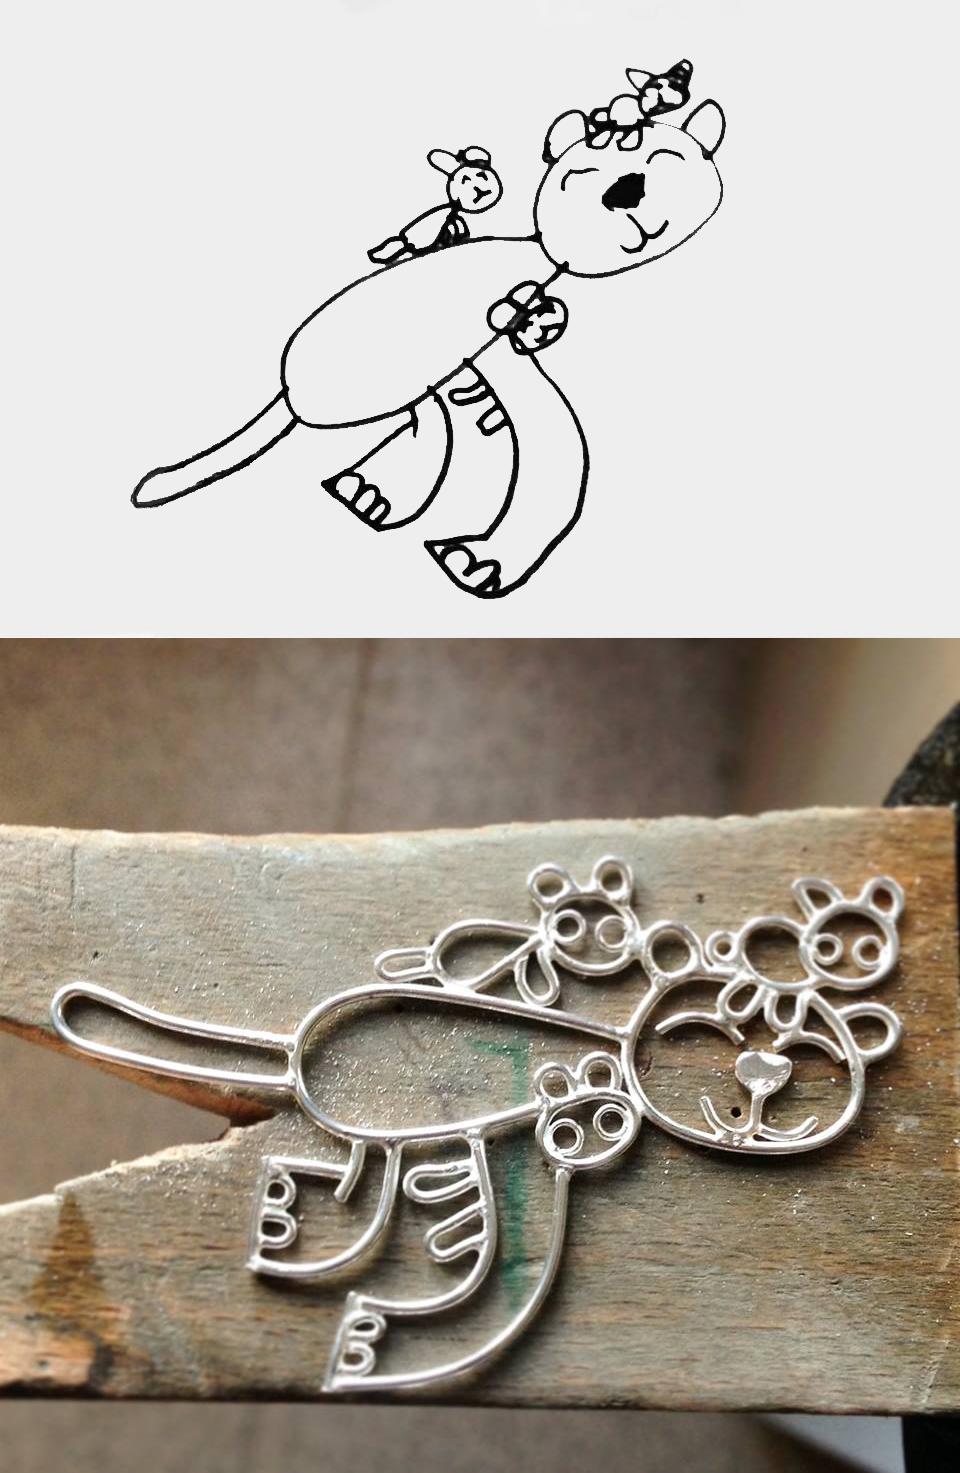 children's drawings jewellery, children's drawings turned into jewellery, jewellery from children's drawings, Sarah Hoare, handmade jewellery, bird and monkey, bespoke jewellery, kids art jewellery,